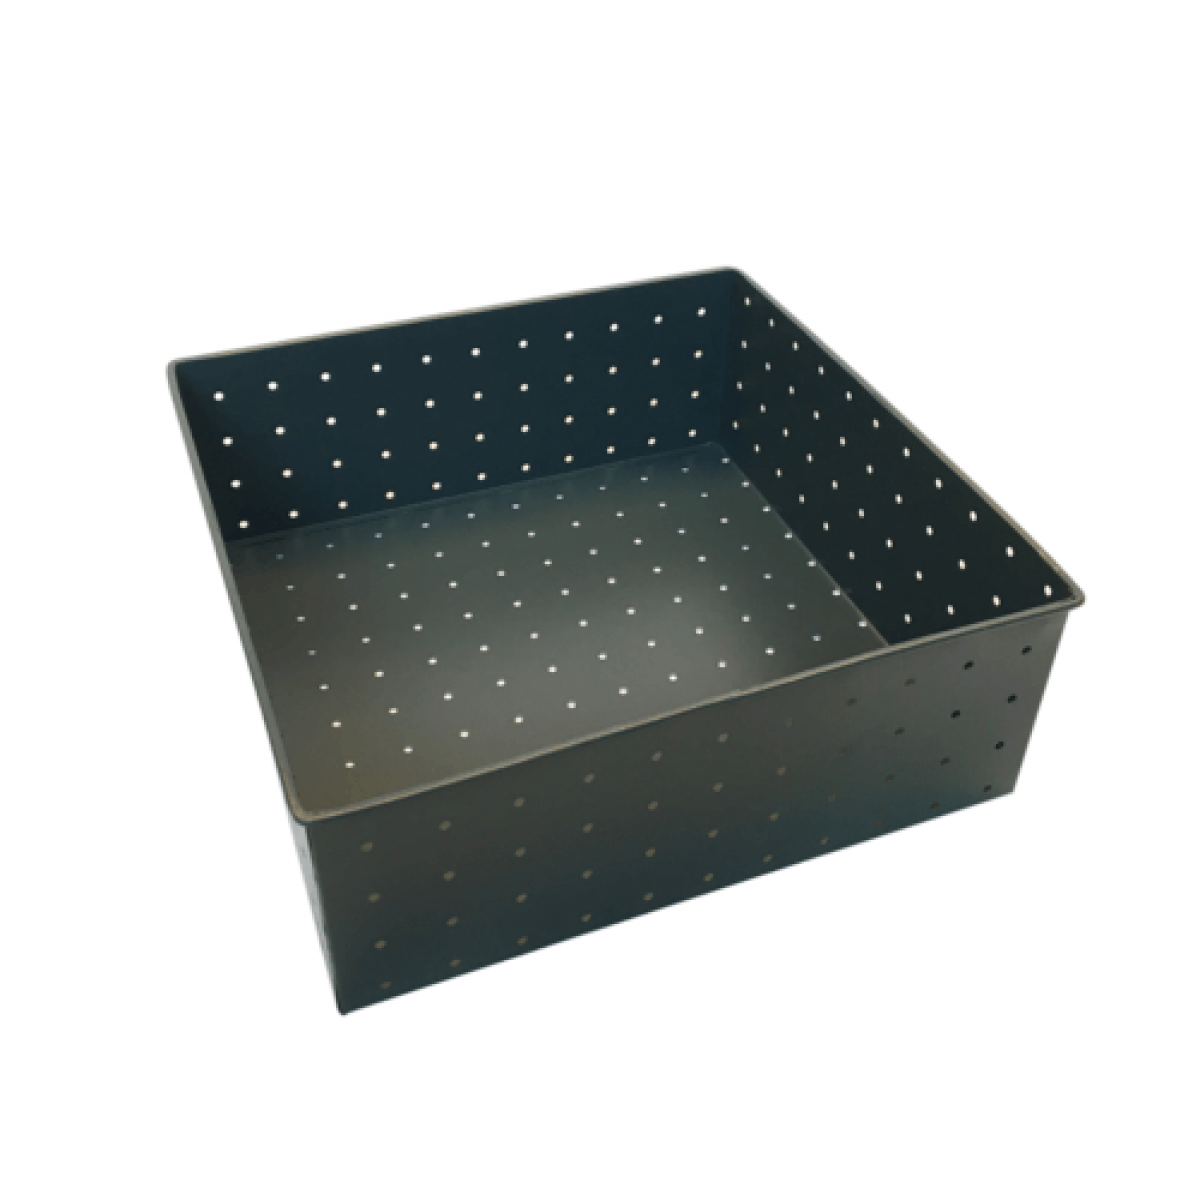 ALFREDO Opbevaringsboks mørkgrøn 21x21 cm